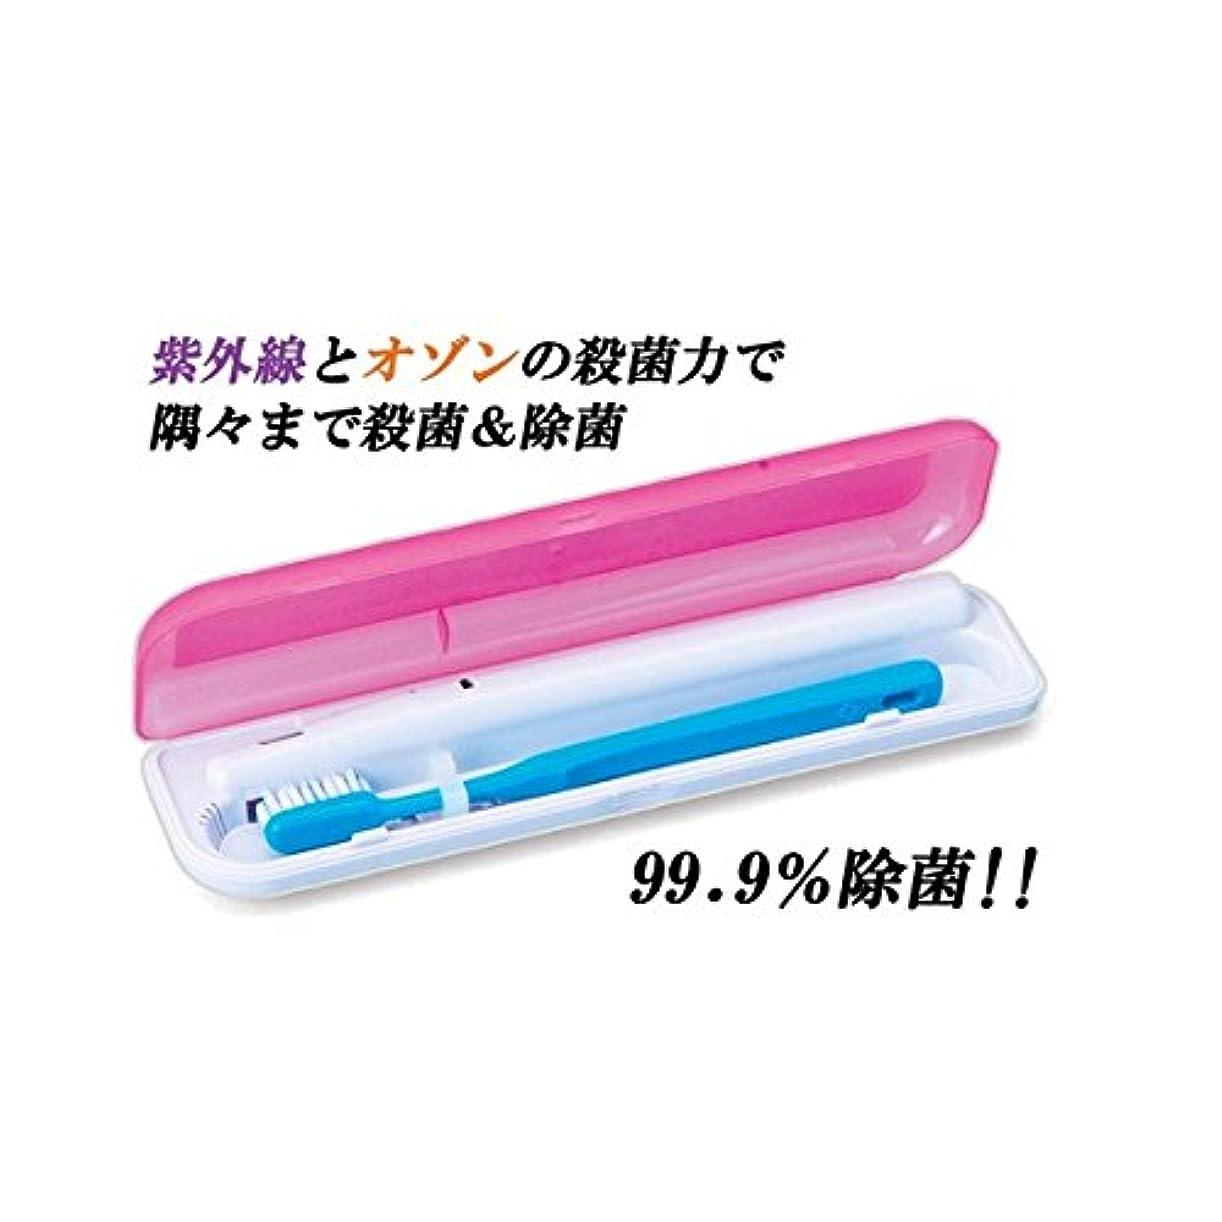 驚いたパリティ頂点除菌歯ブラシ携帯ケース